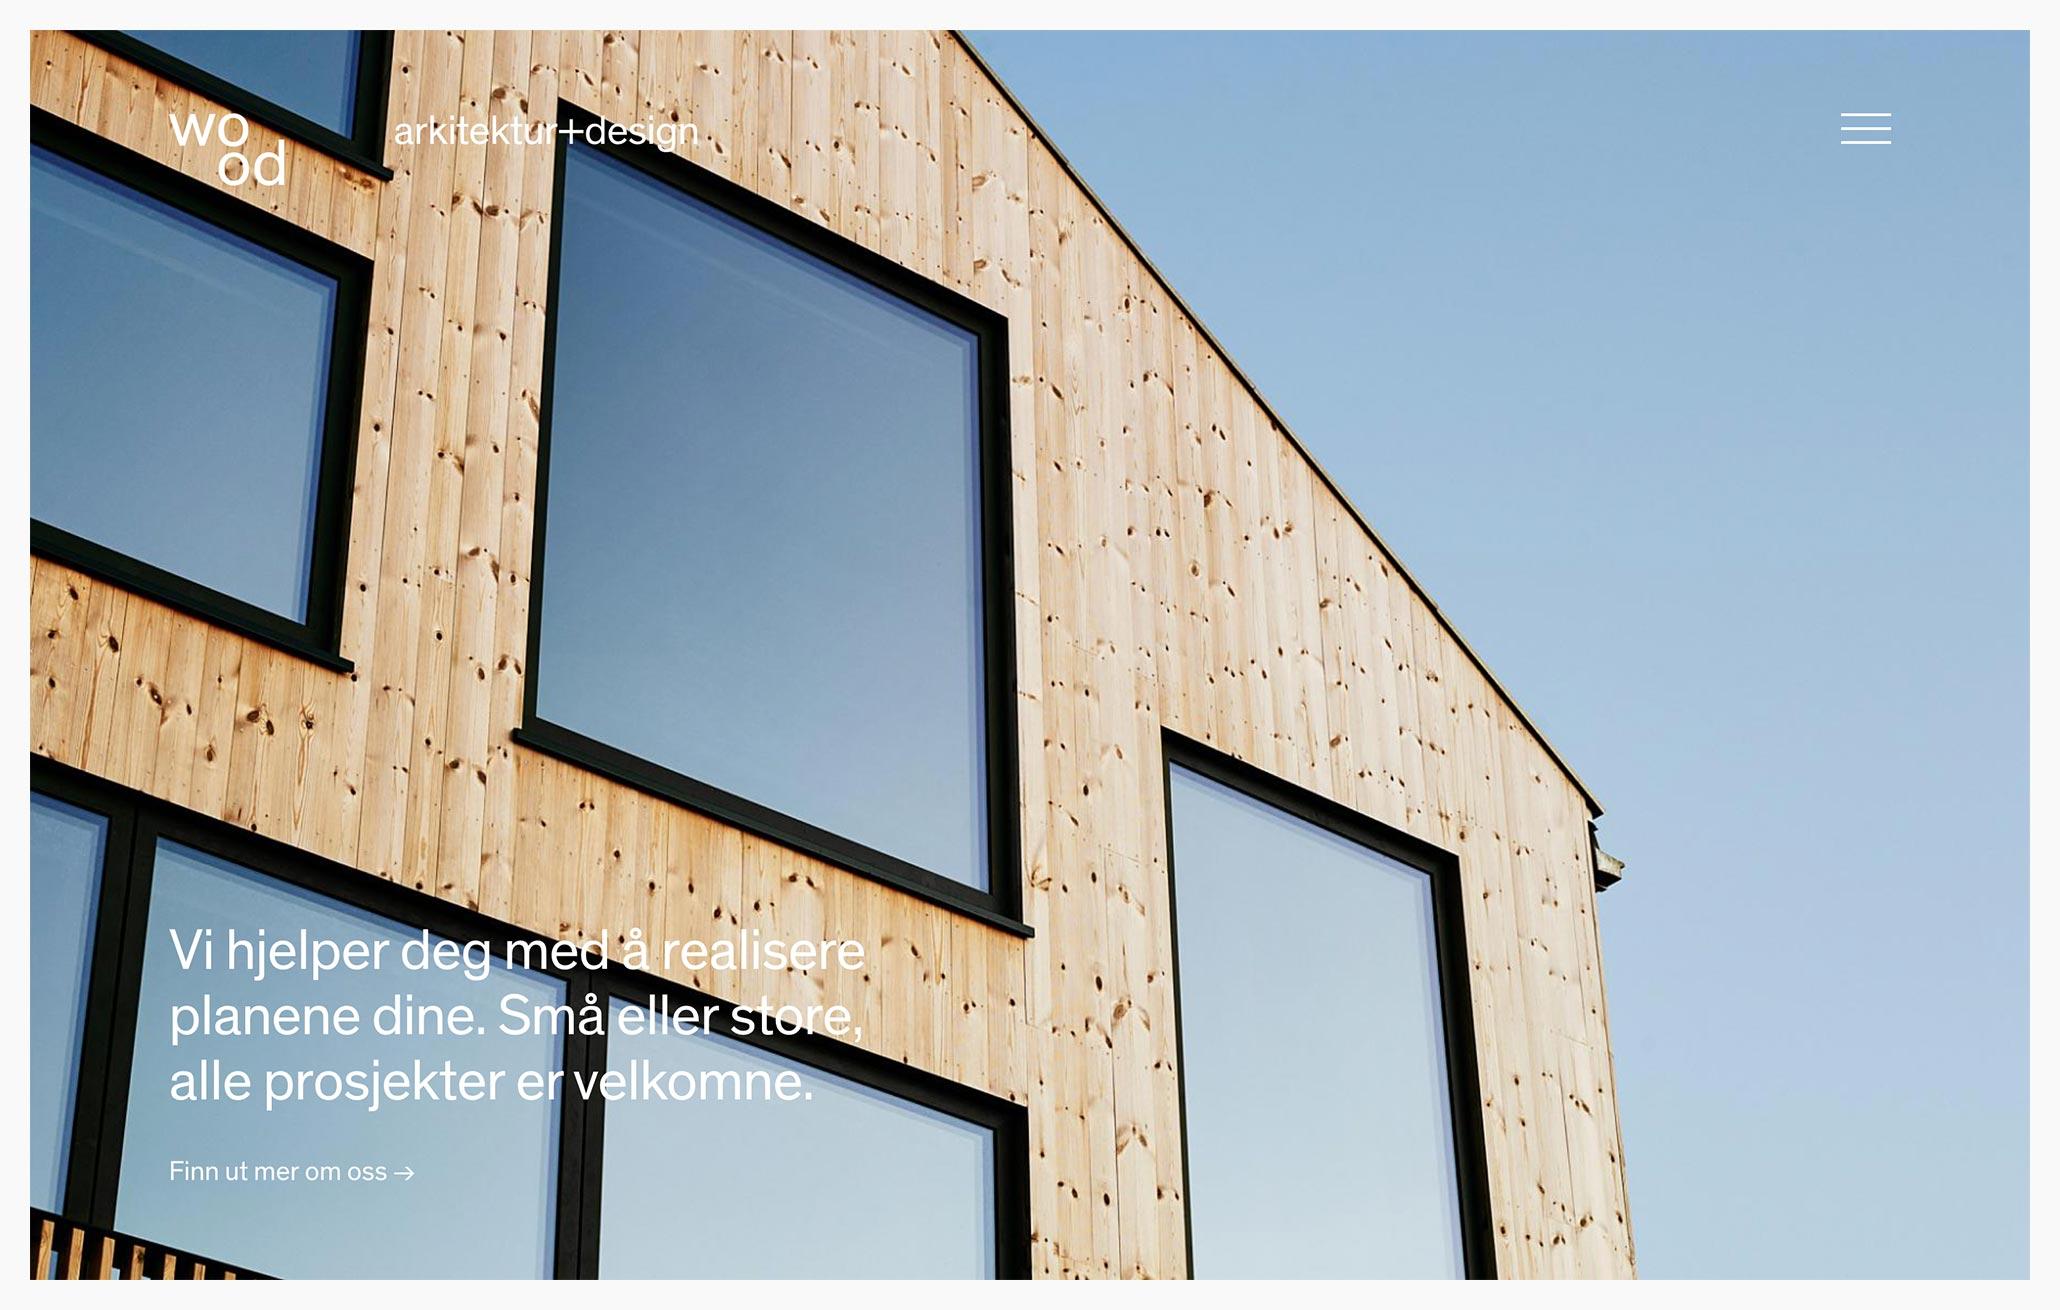 wood arkitektur+design - Best Architecture Websites 2018